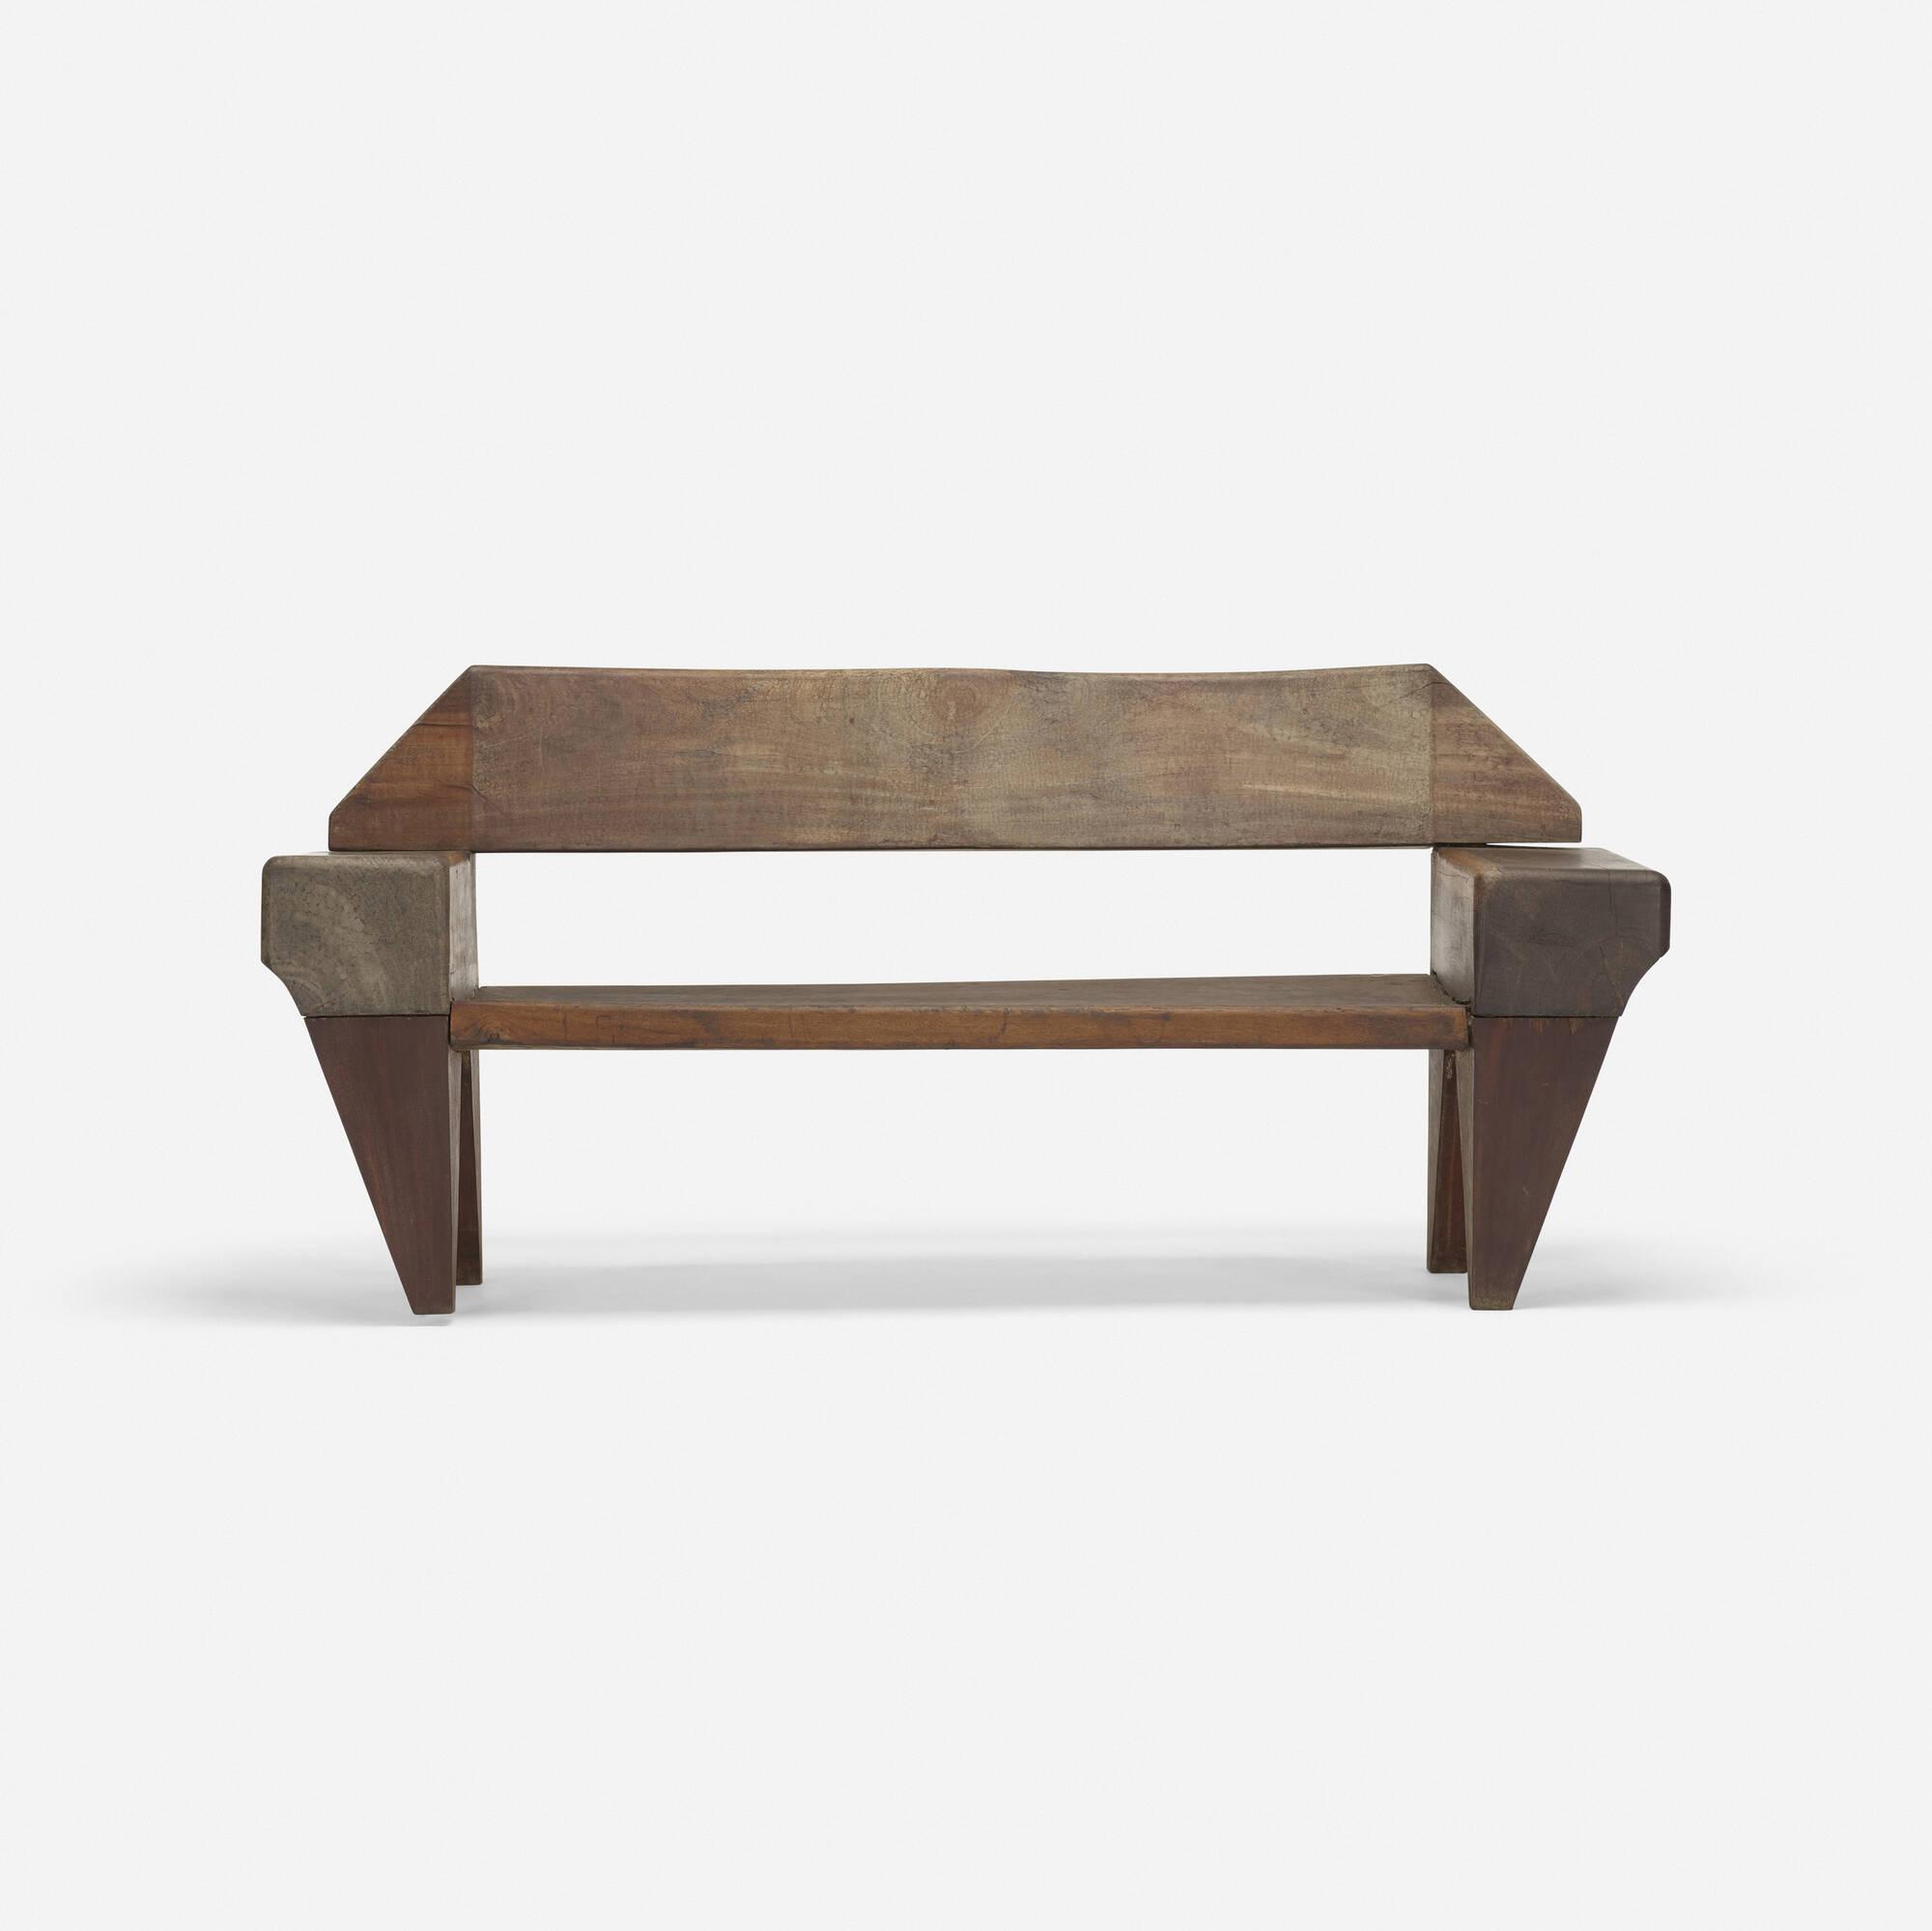 221: José Zanine Caldas / bench (2 of 6)